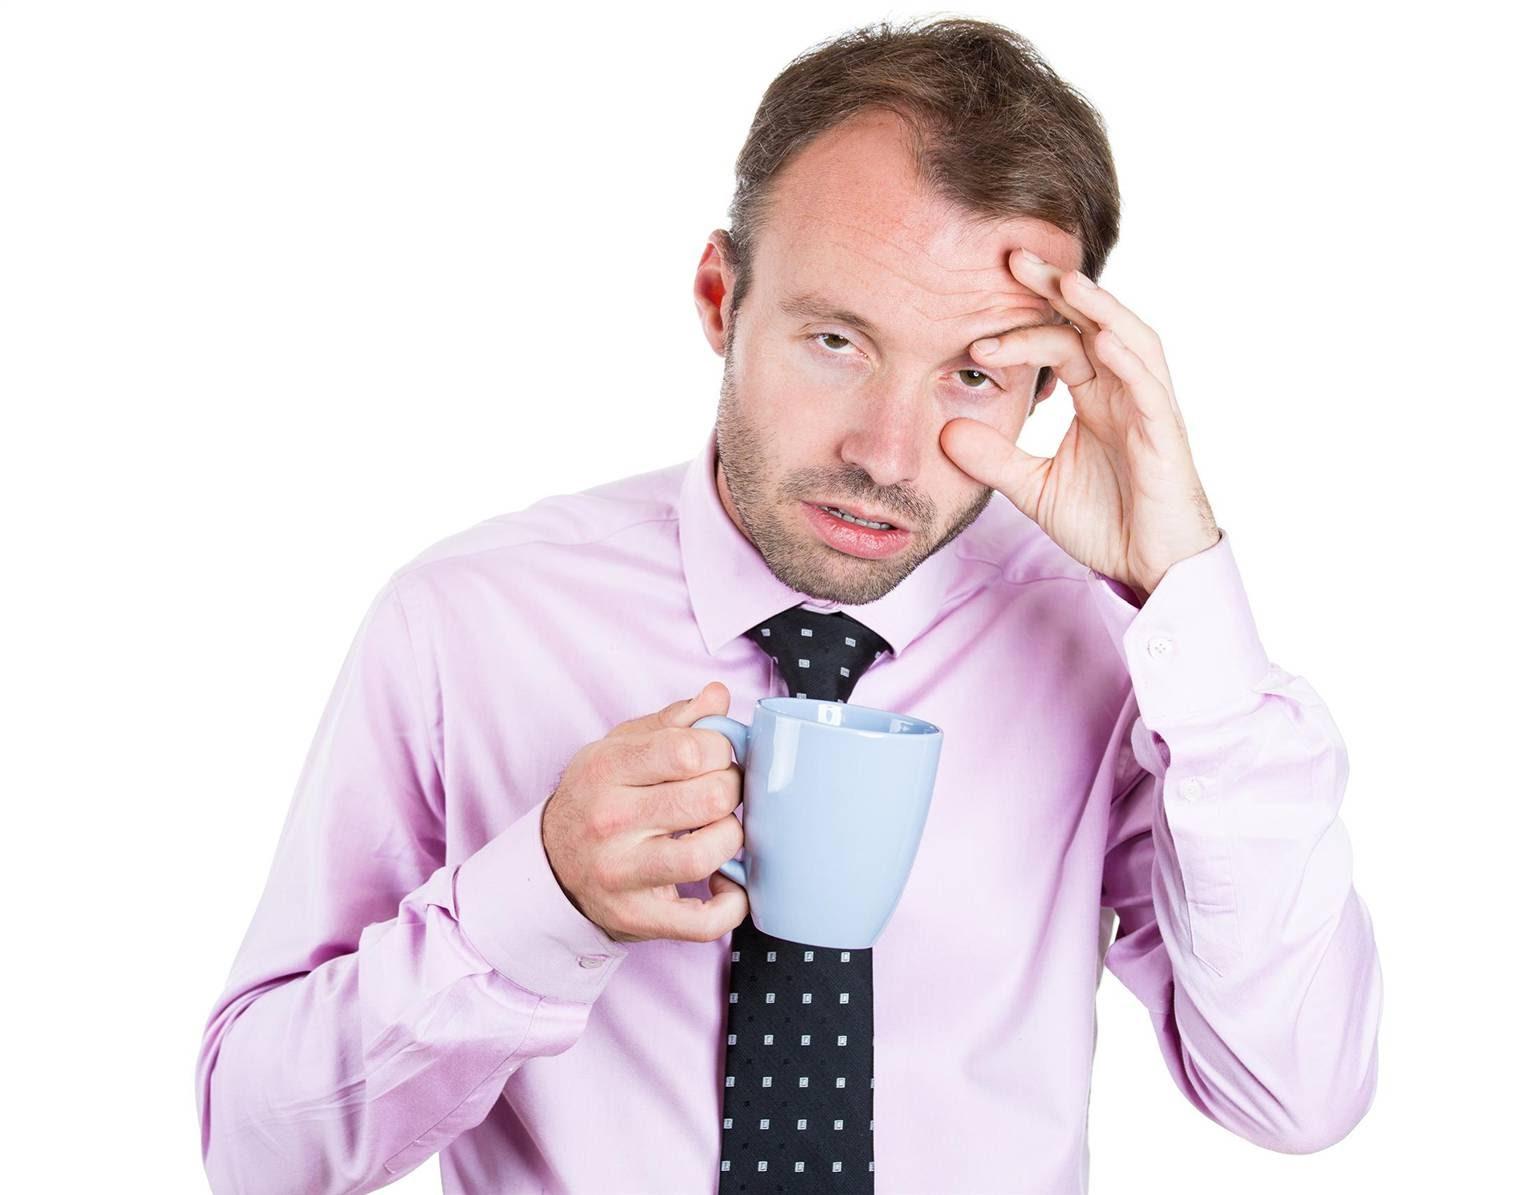 اسباب كثرة النوم والخمول المفاجئ